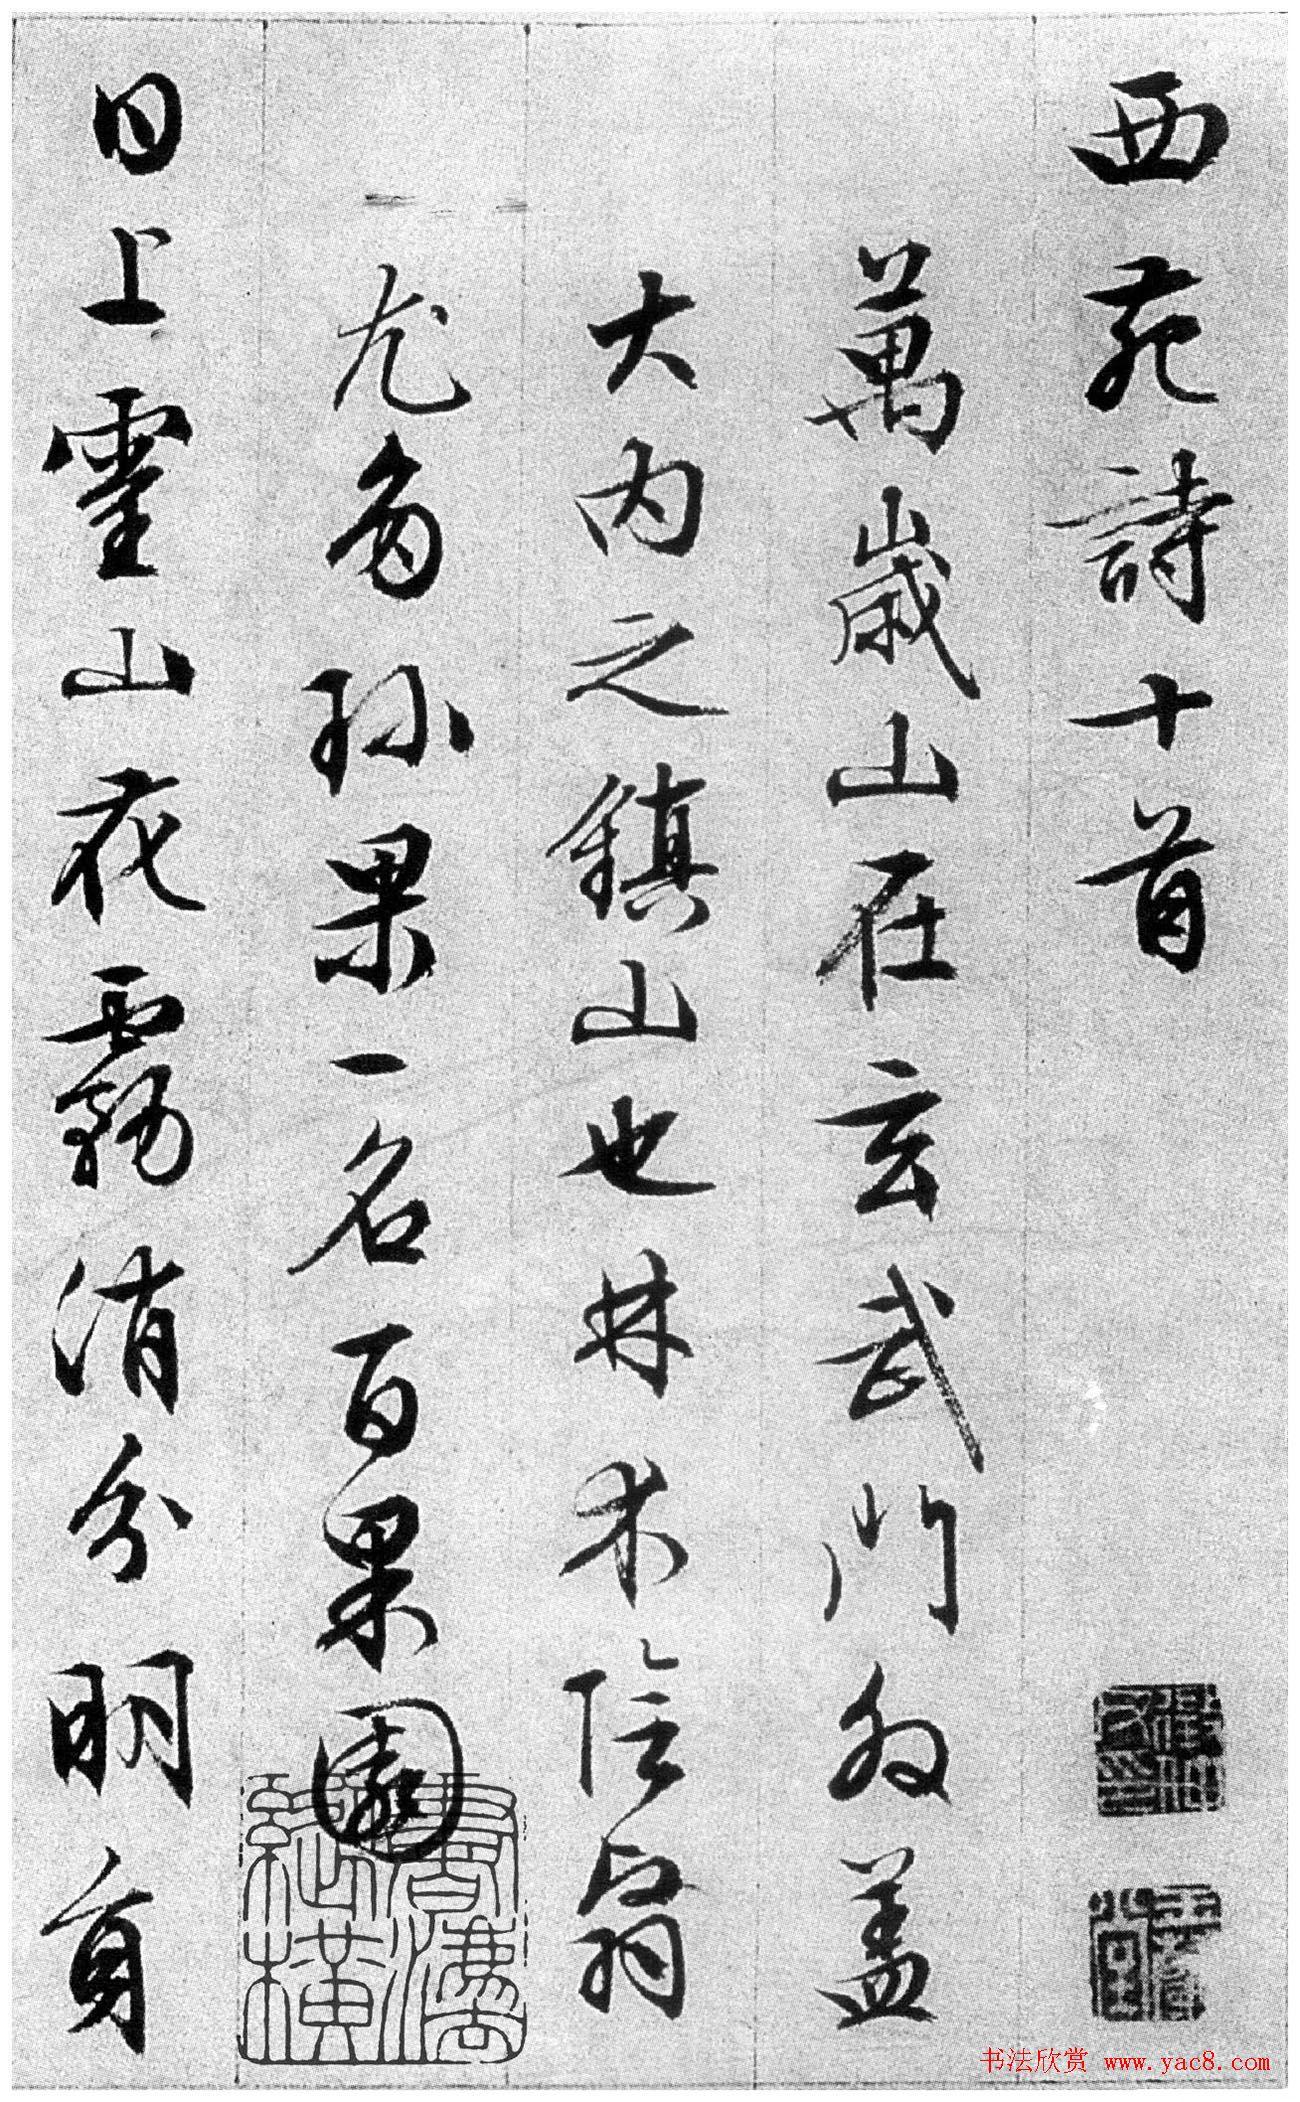 文徵明84岁追思旧游书录西苑诗